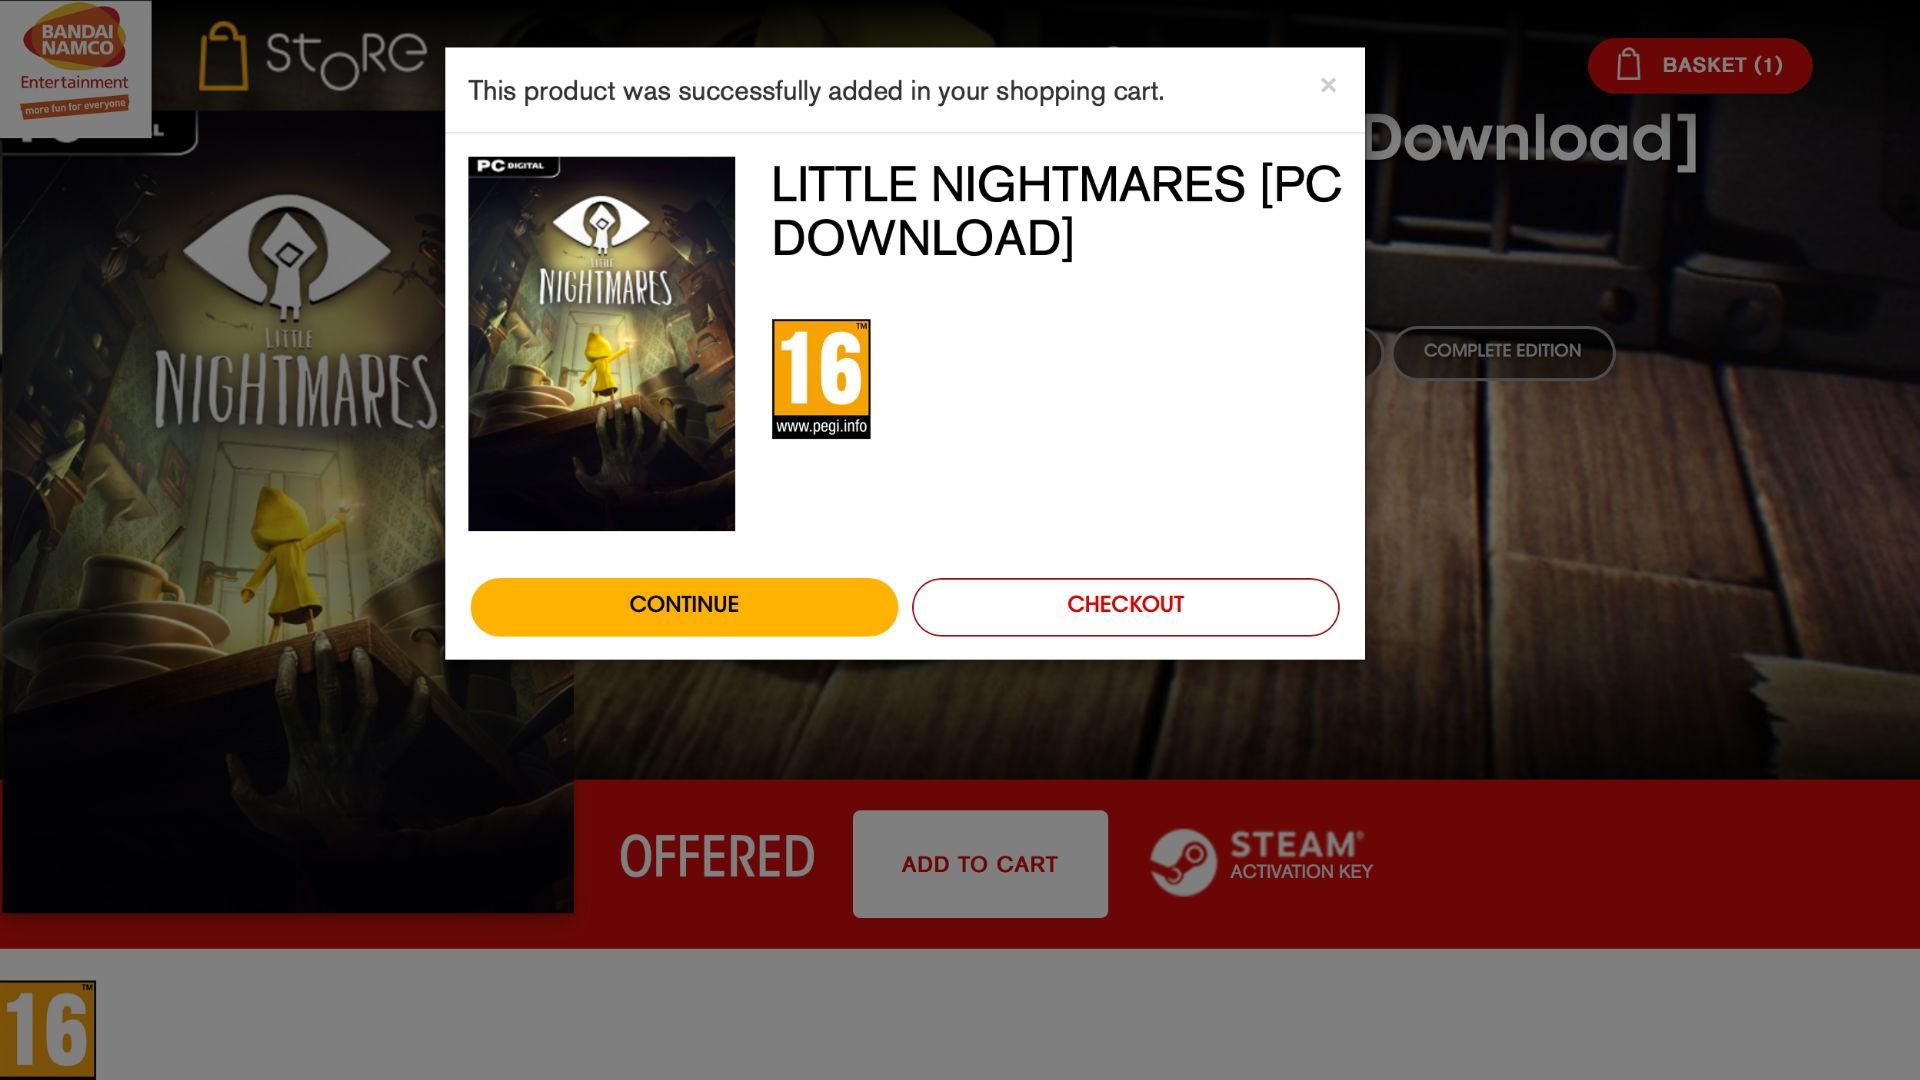 Little nightmares demo t1